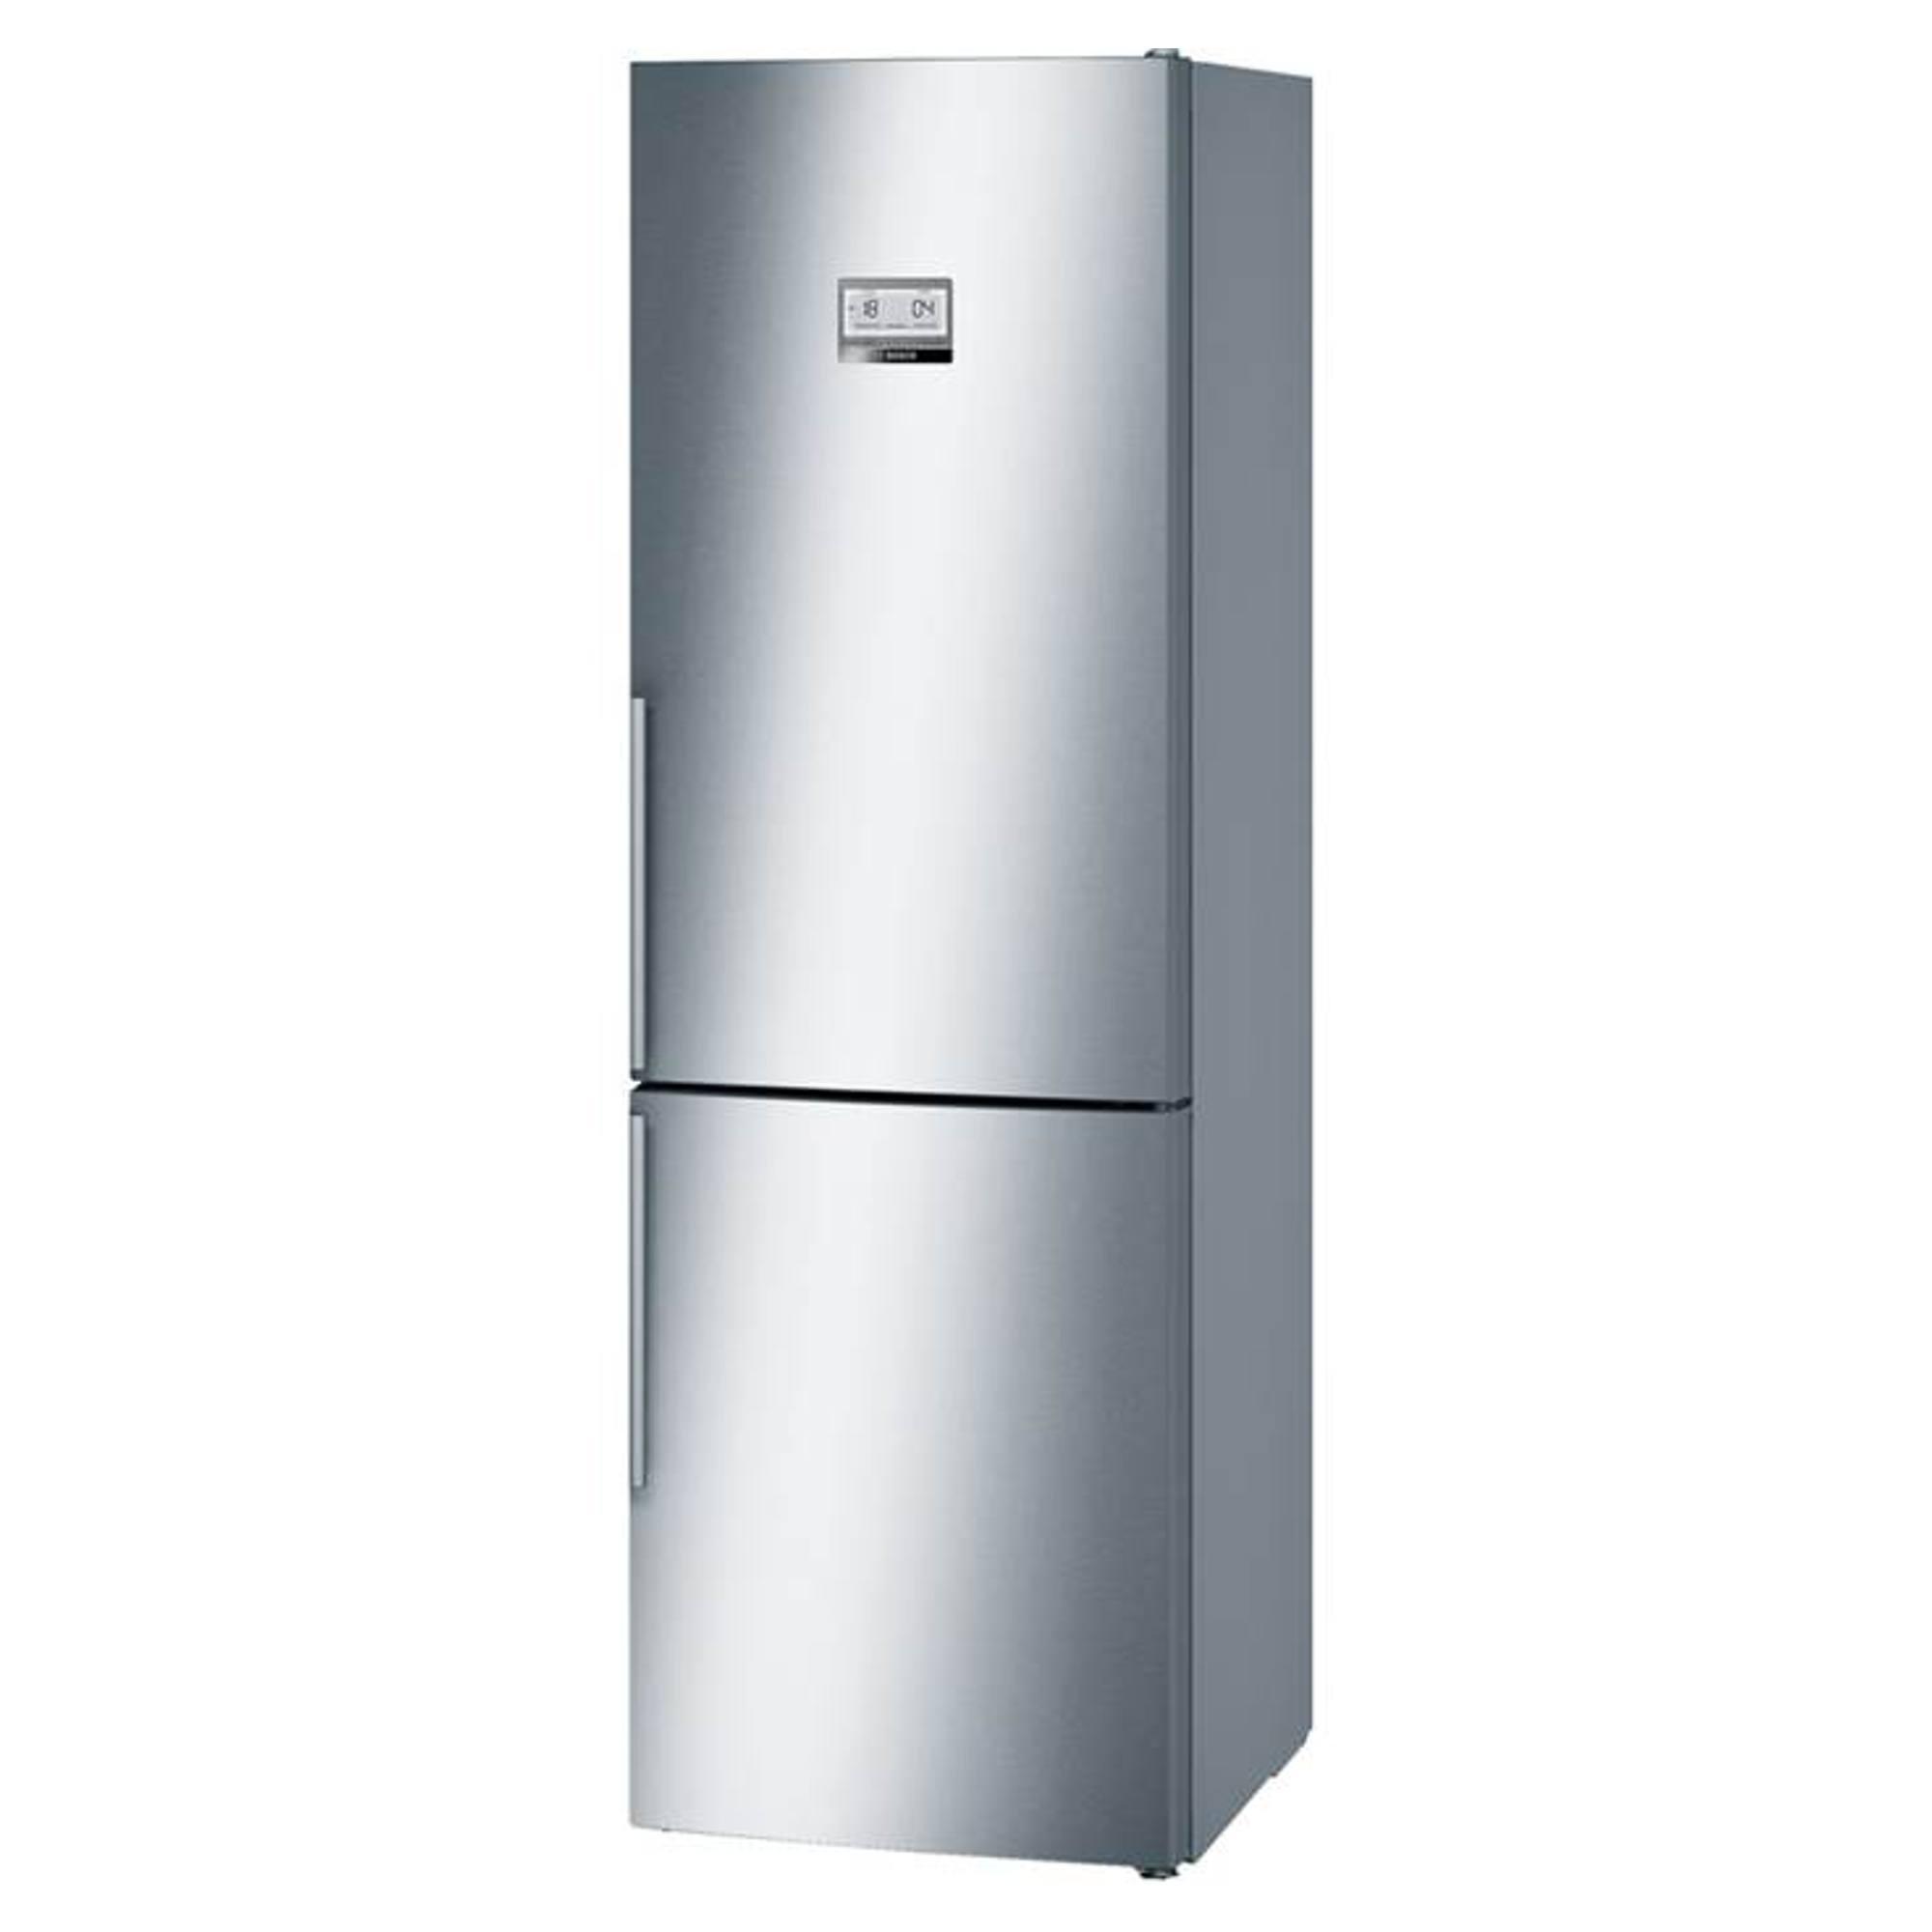 Bosch Serie 6 Kgn36ai35g Frost Free Fridge Freezer Hughes